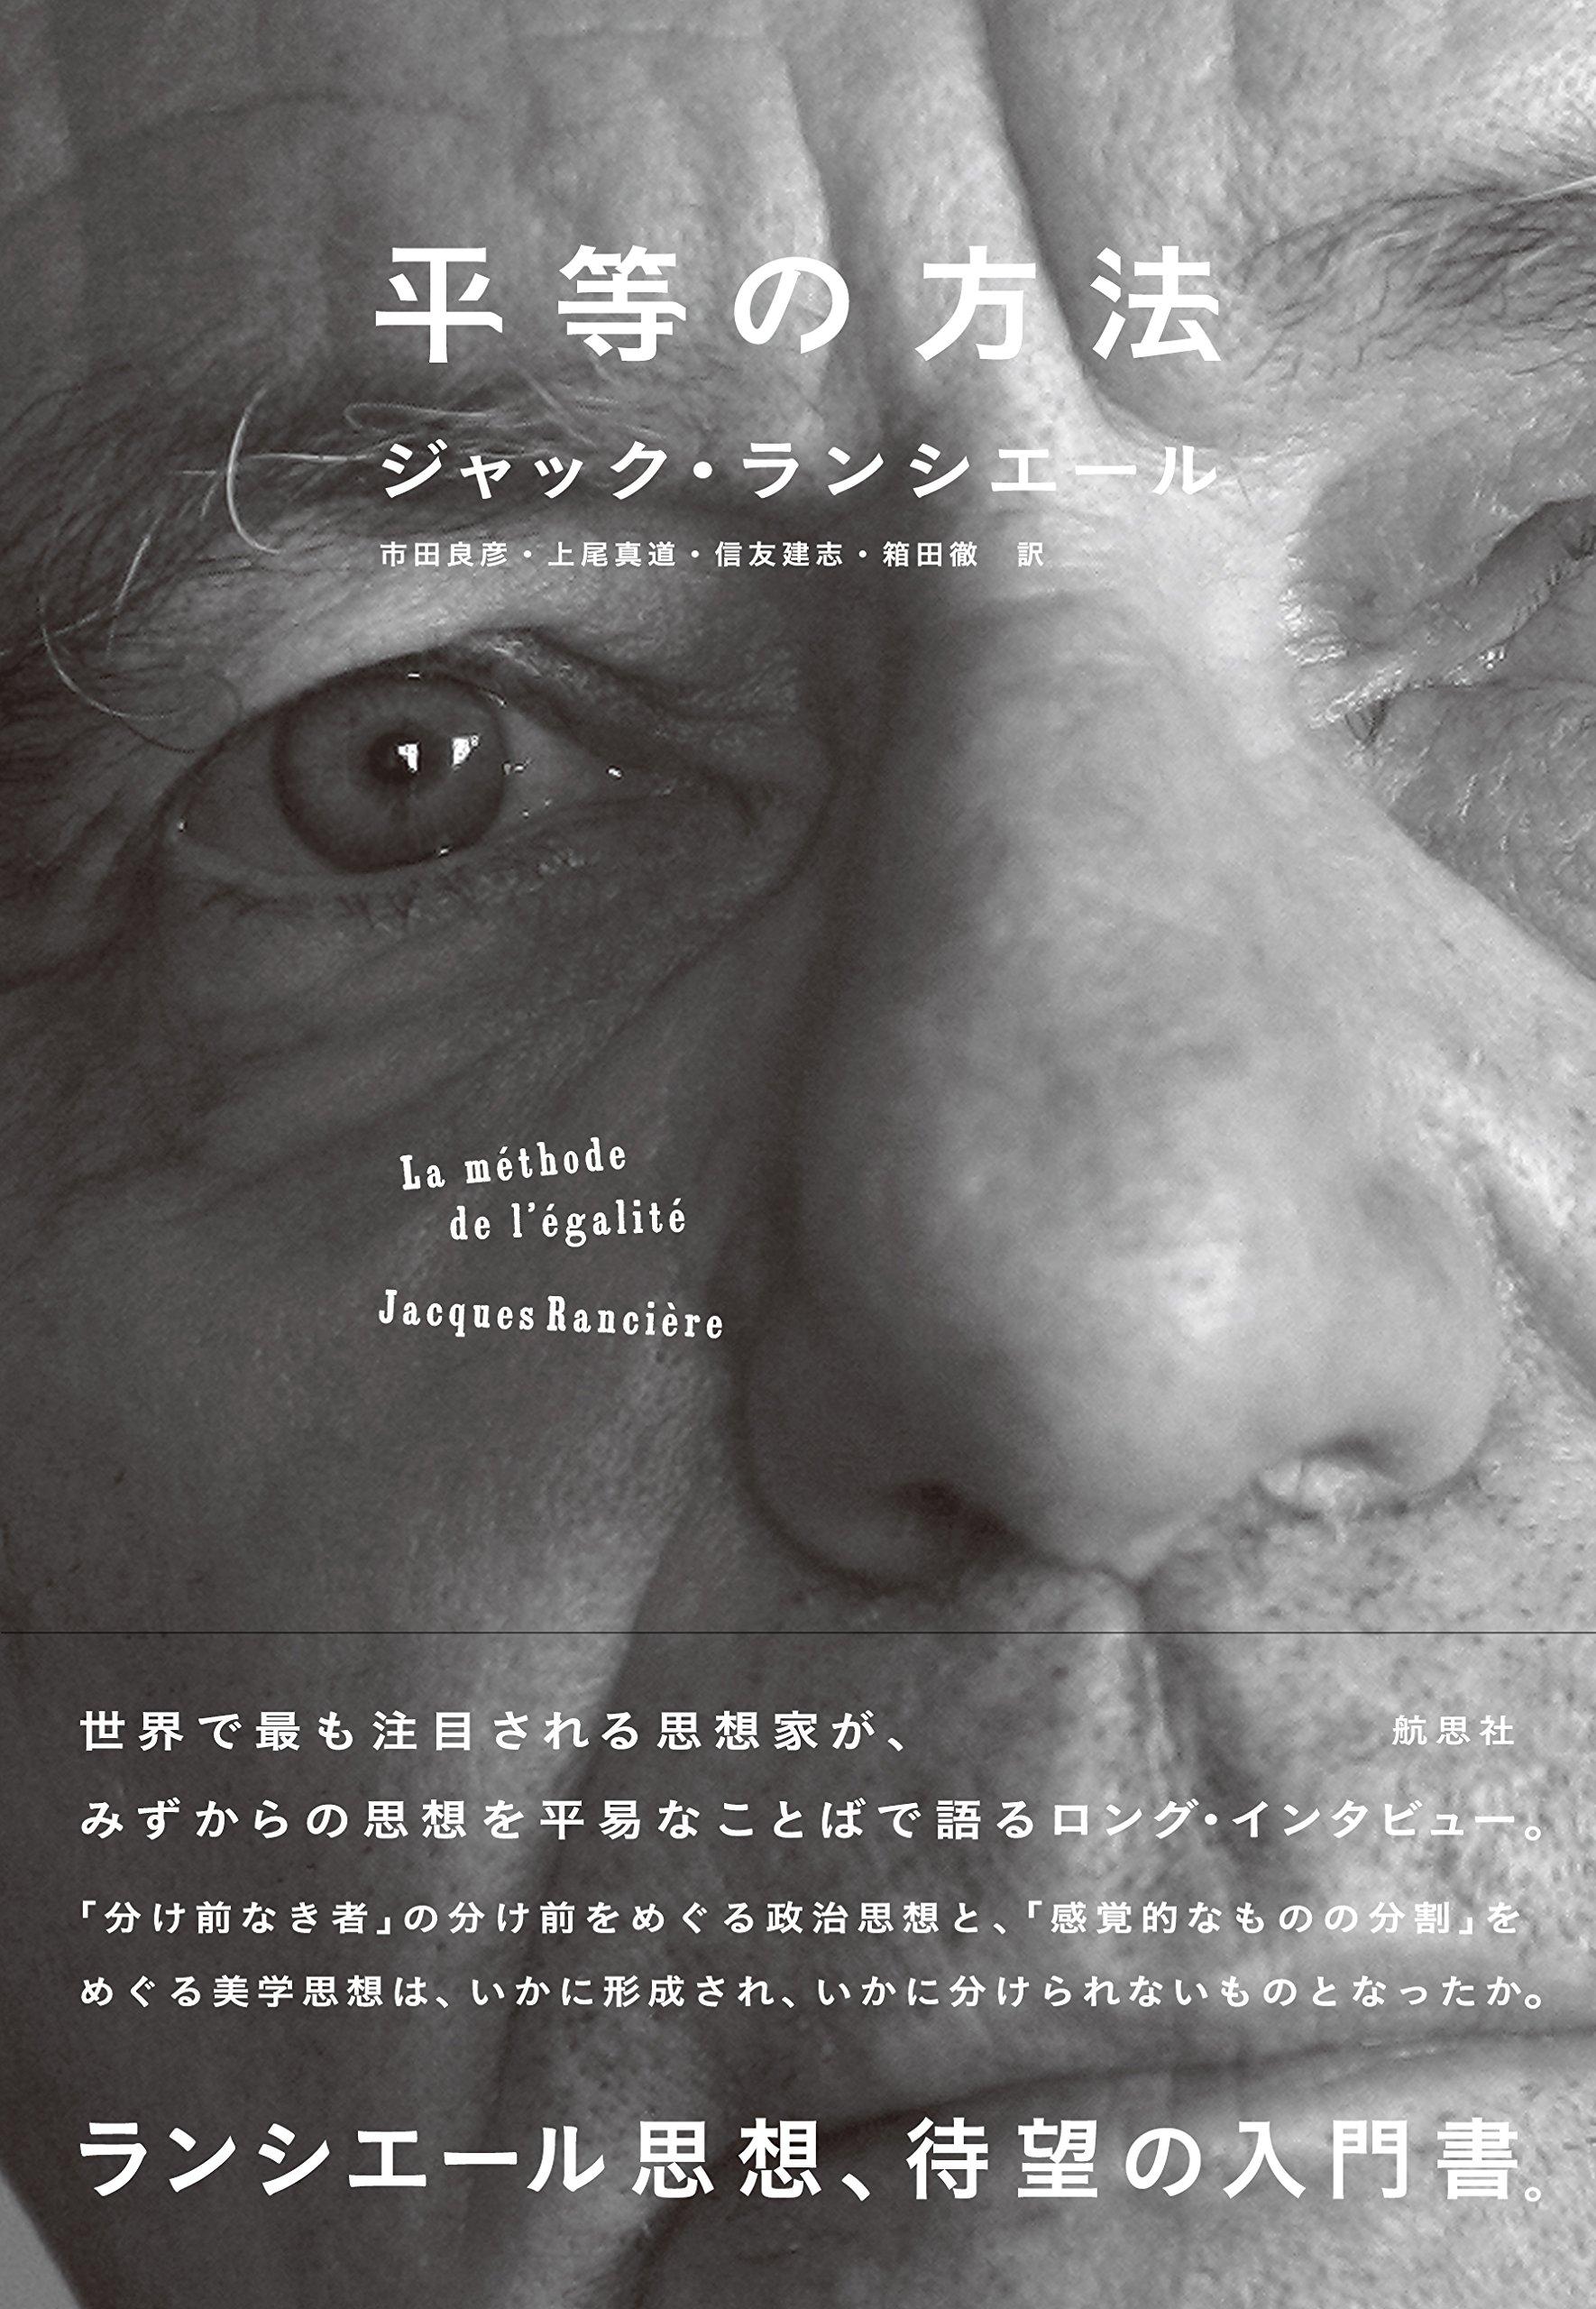 『平等の方法』表紙イメージ